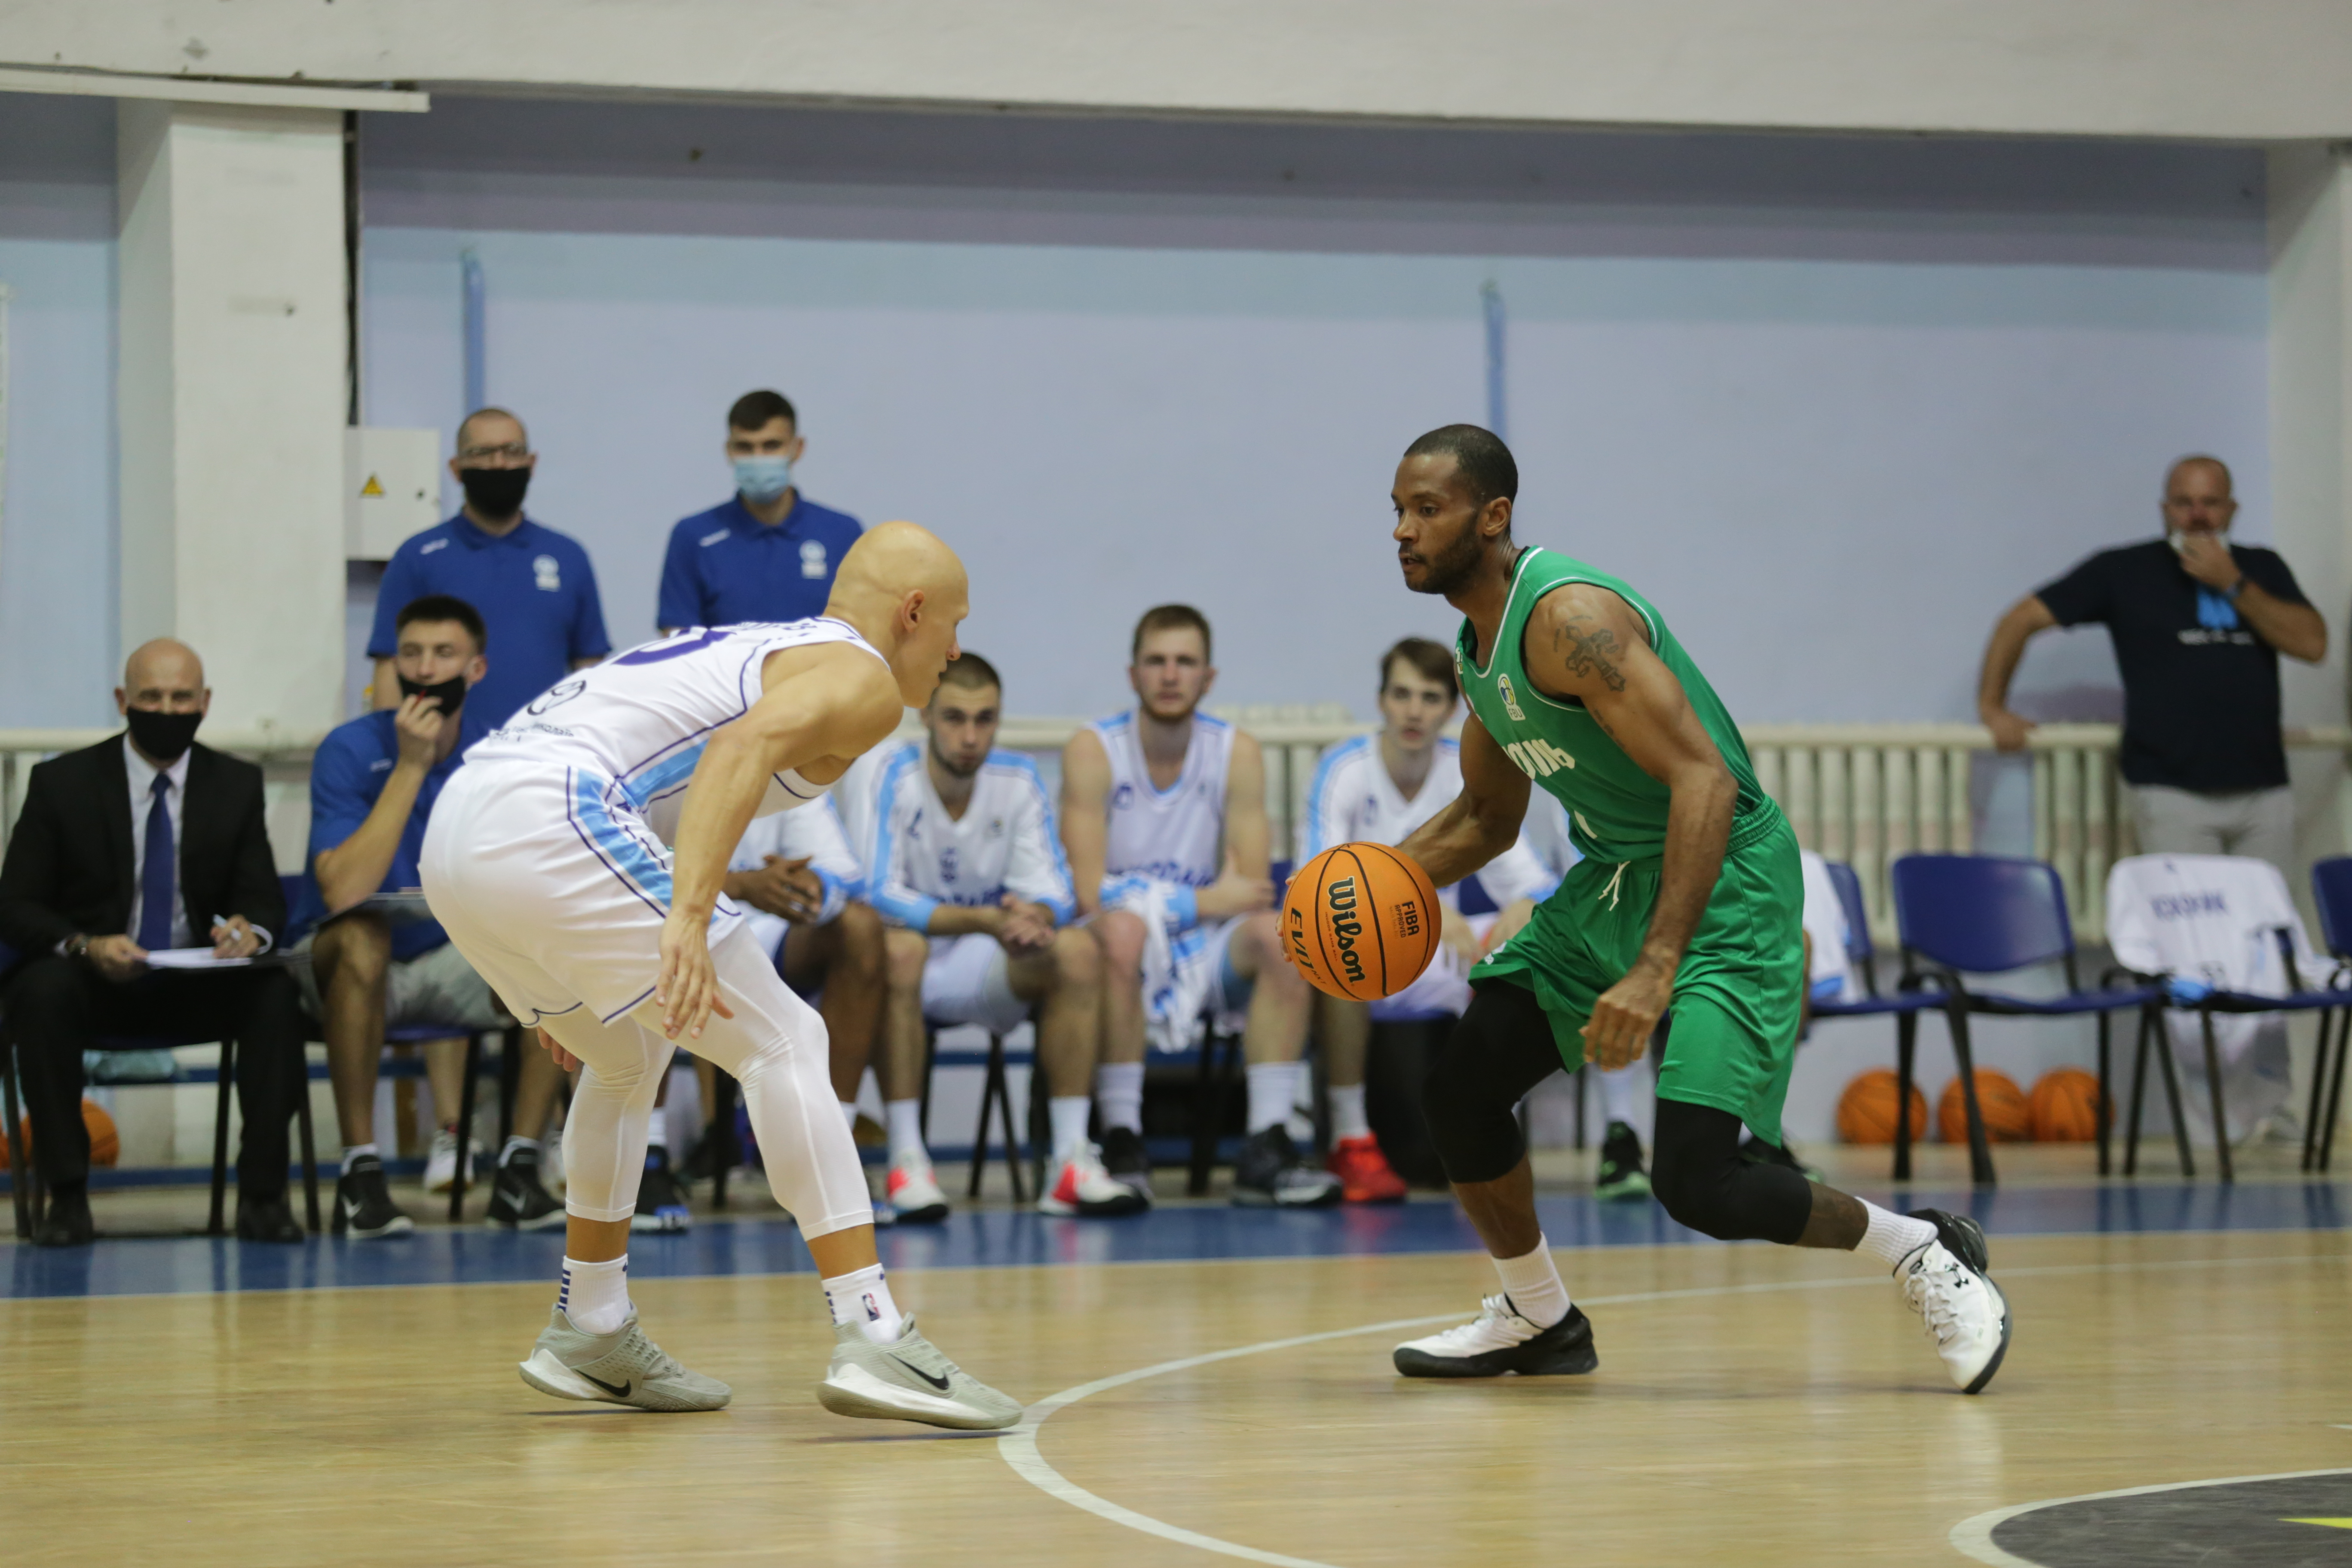 Миколаїв розпочав сезон з розгромної поразки, поступившись Тернополю вдома